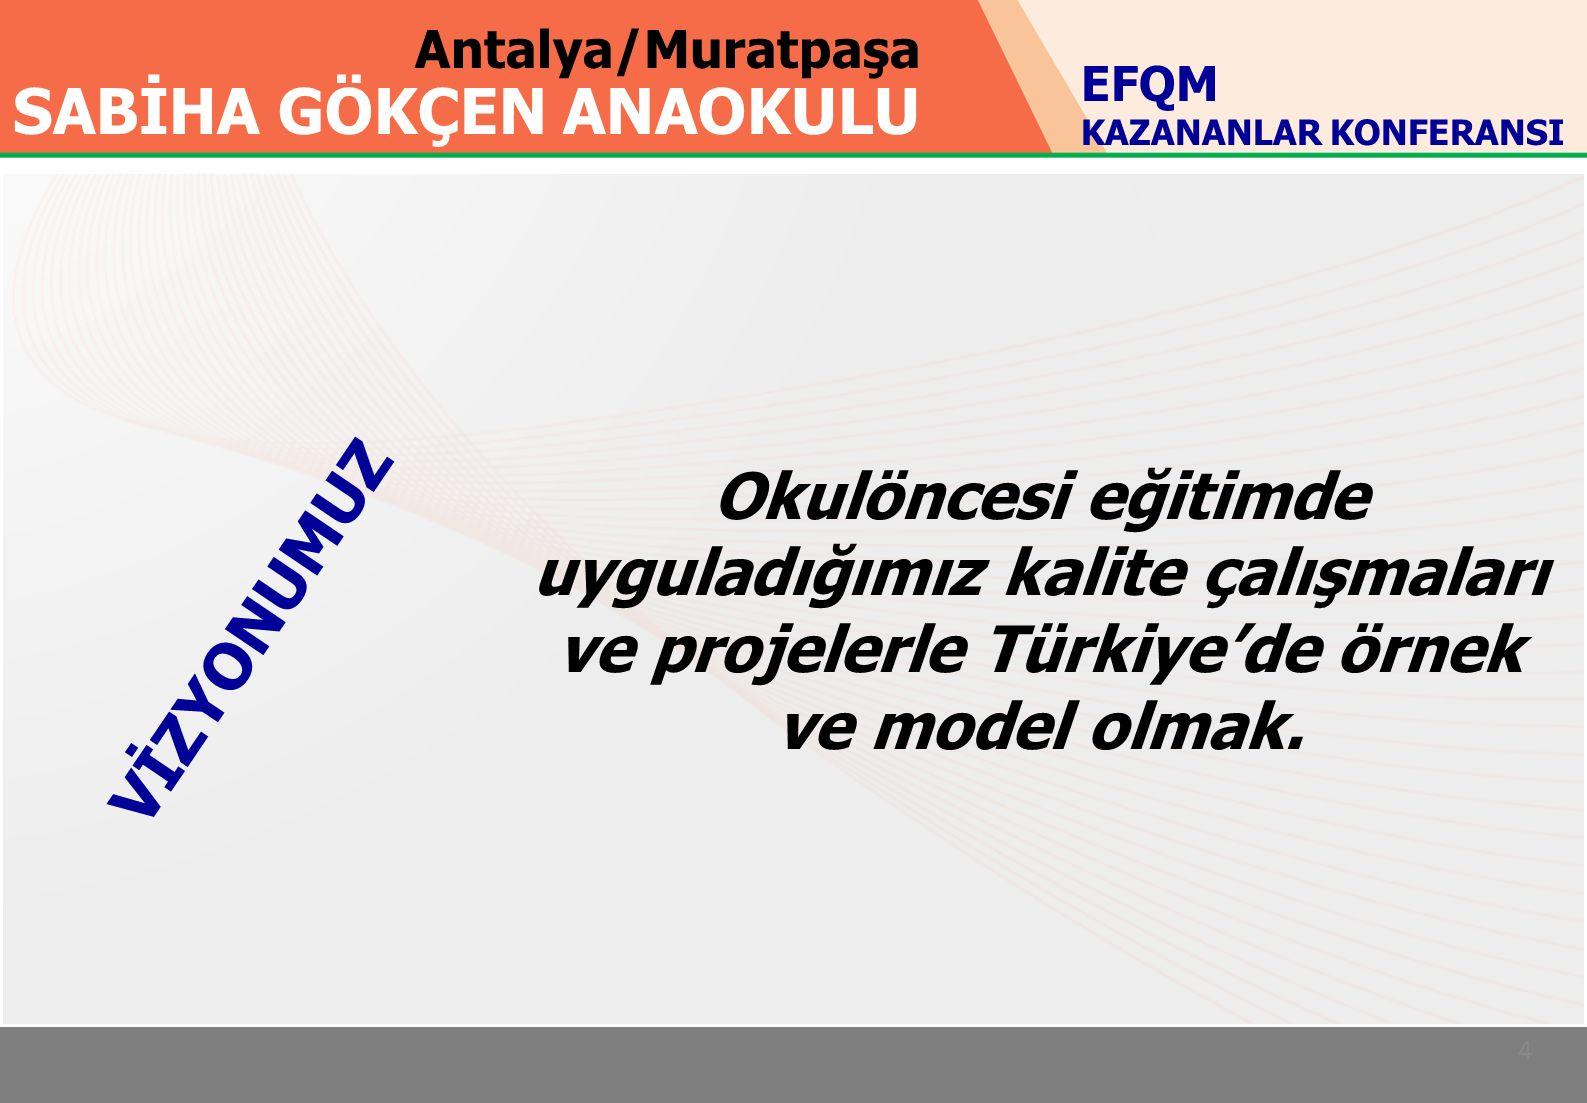 Antalya/Muratpaşa SABİHA GÖKÇEN ANAOKULU 4 Okulöncesi eğitimde uyguladığımız kalite çalışmaları ve projelerle Türkiye'de örnek ve model olmak.